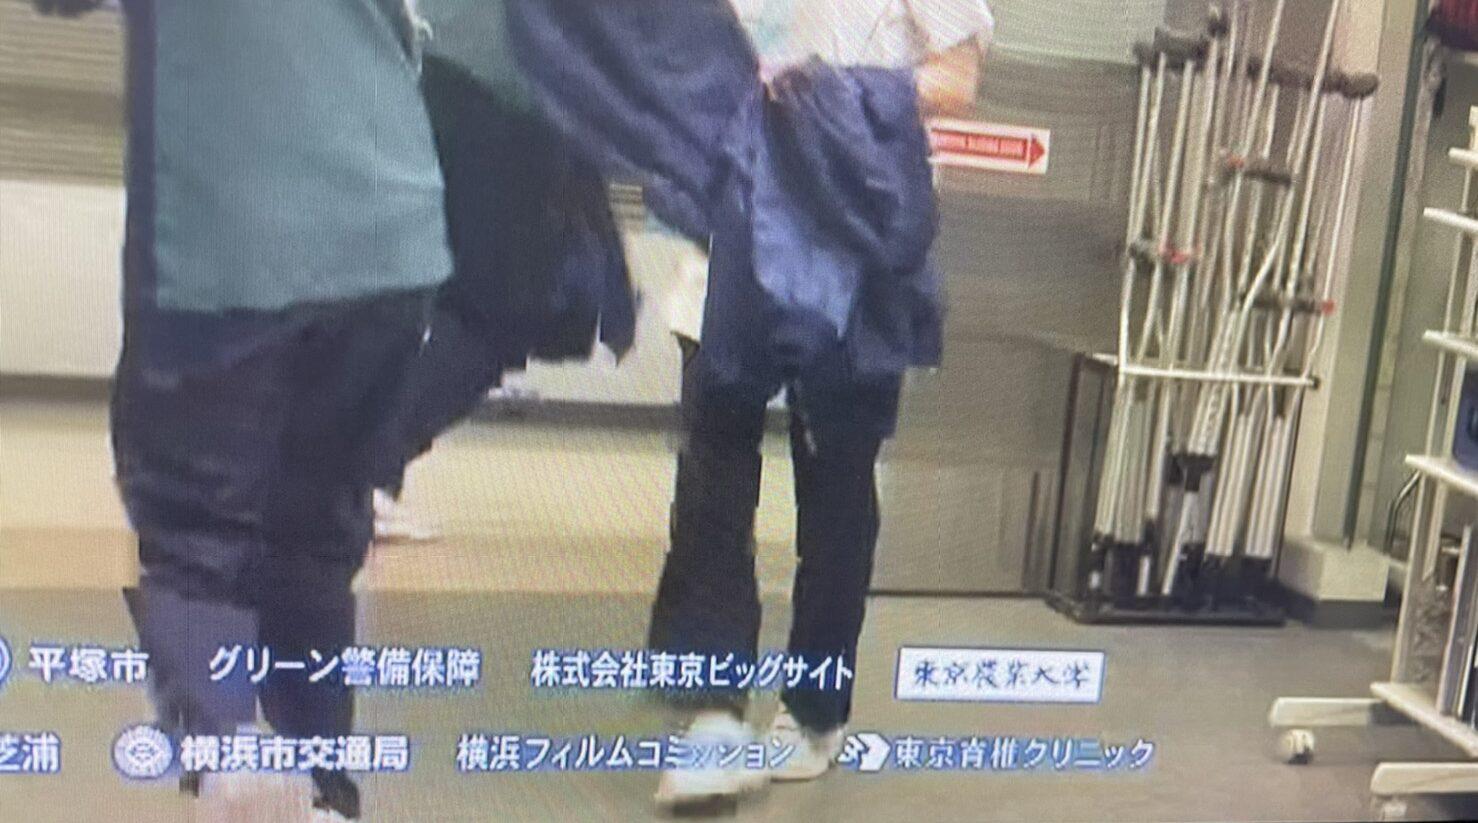 ナイトドクターエンドロール東京脊椎クリニック